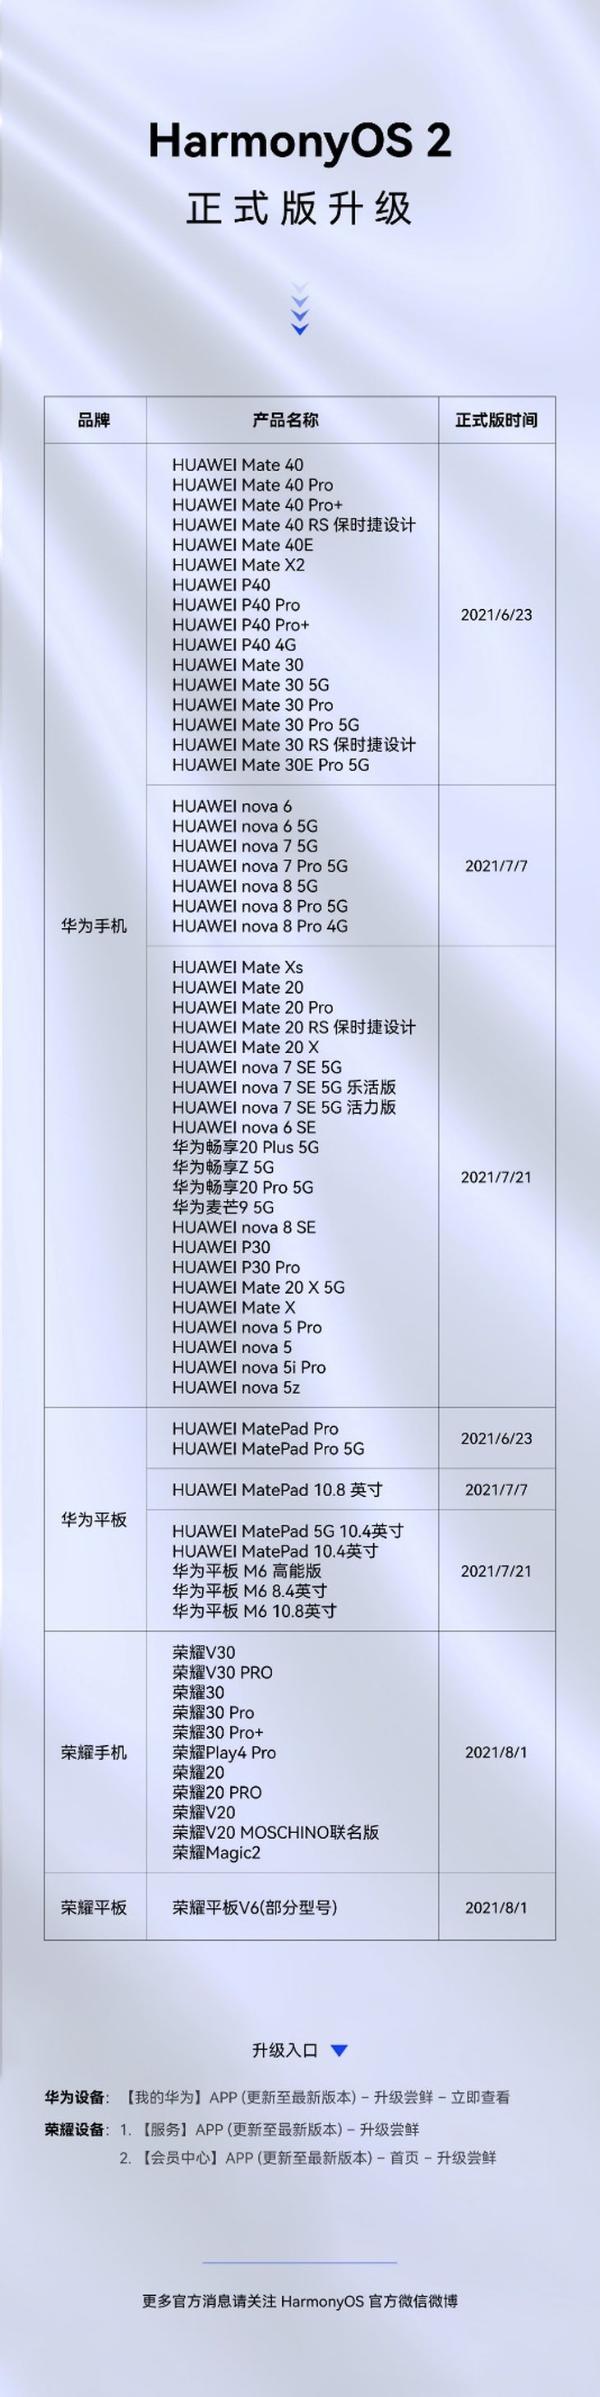 华为HarmonyOS 2适配进度公布:65款机型可升级正式版